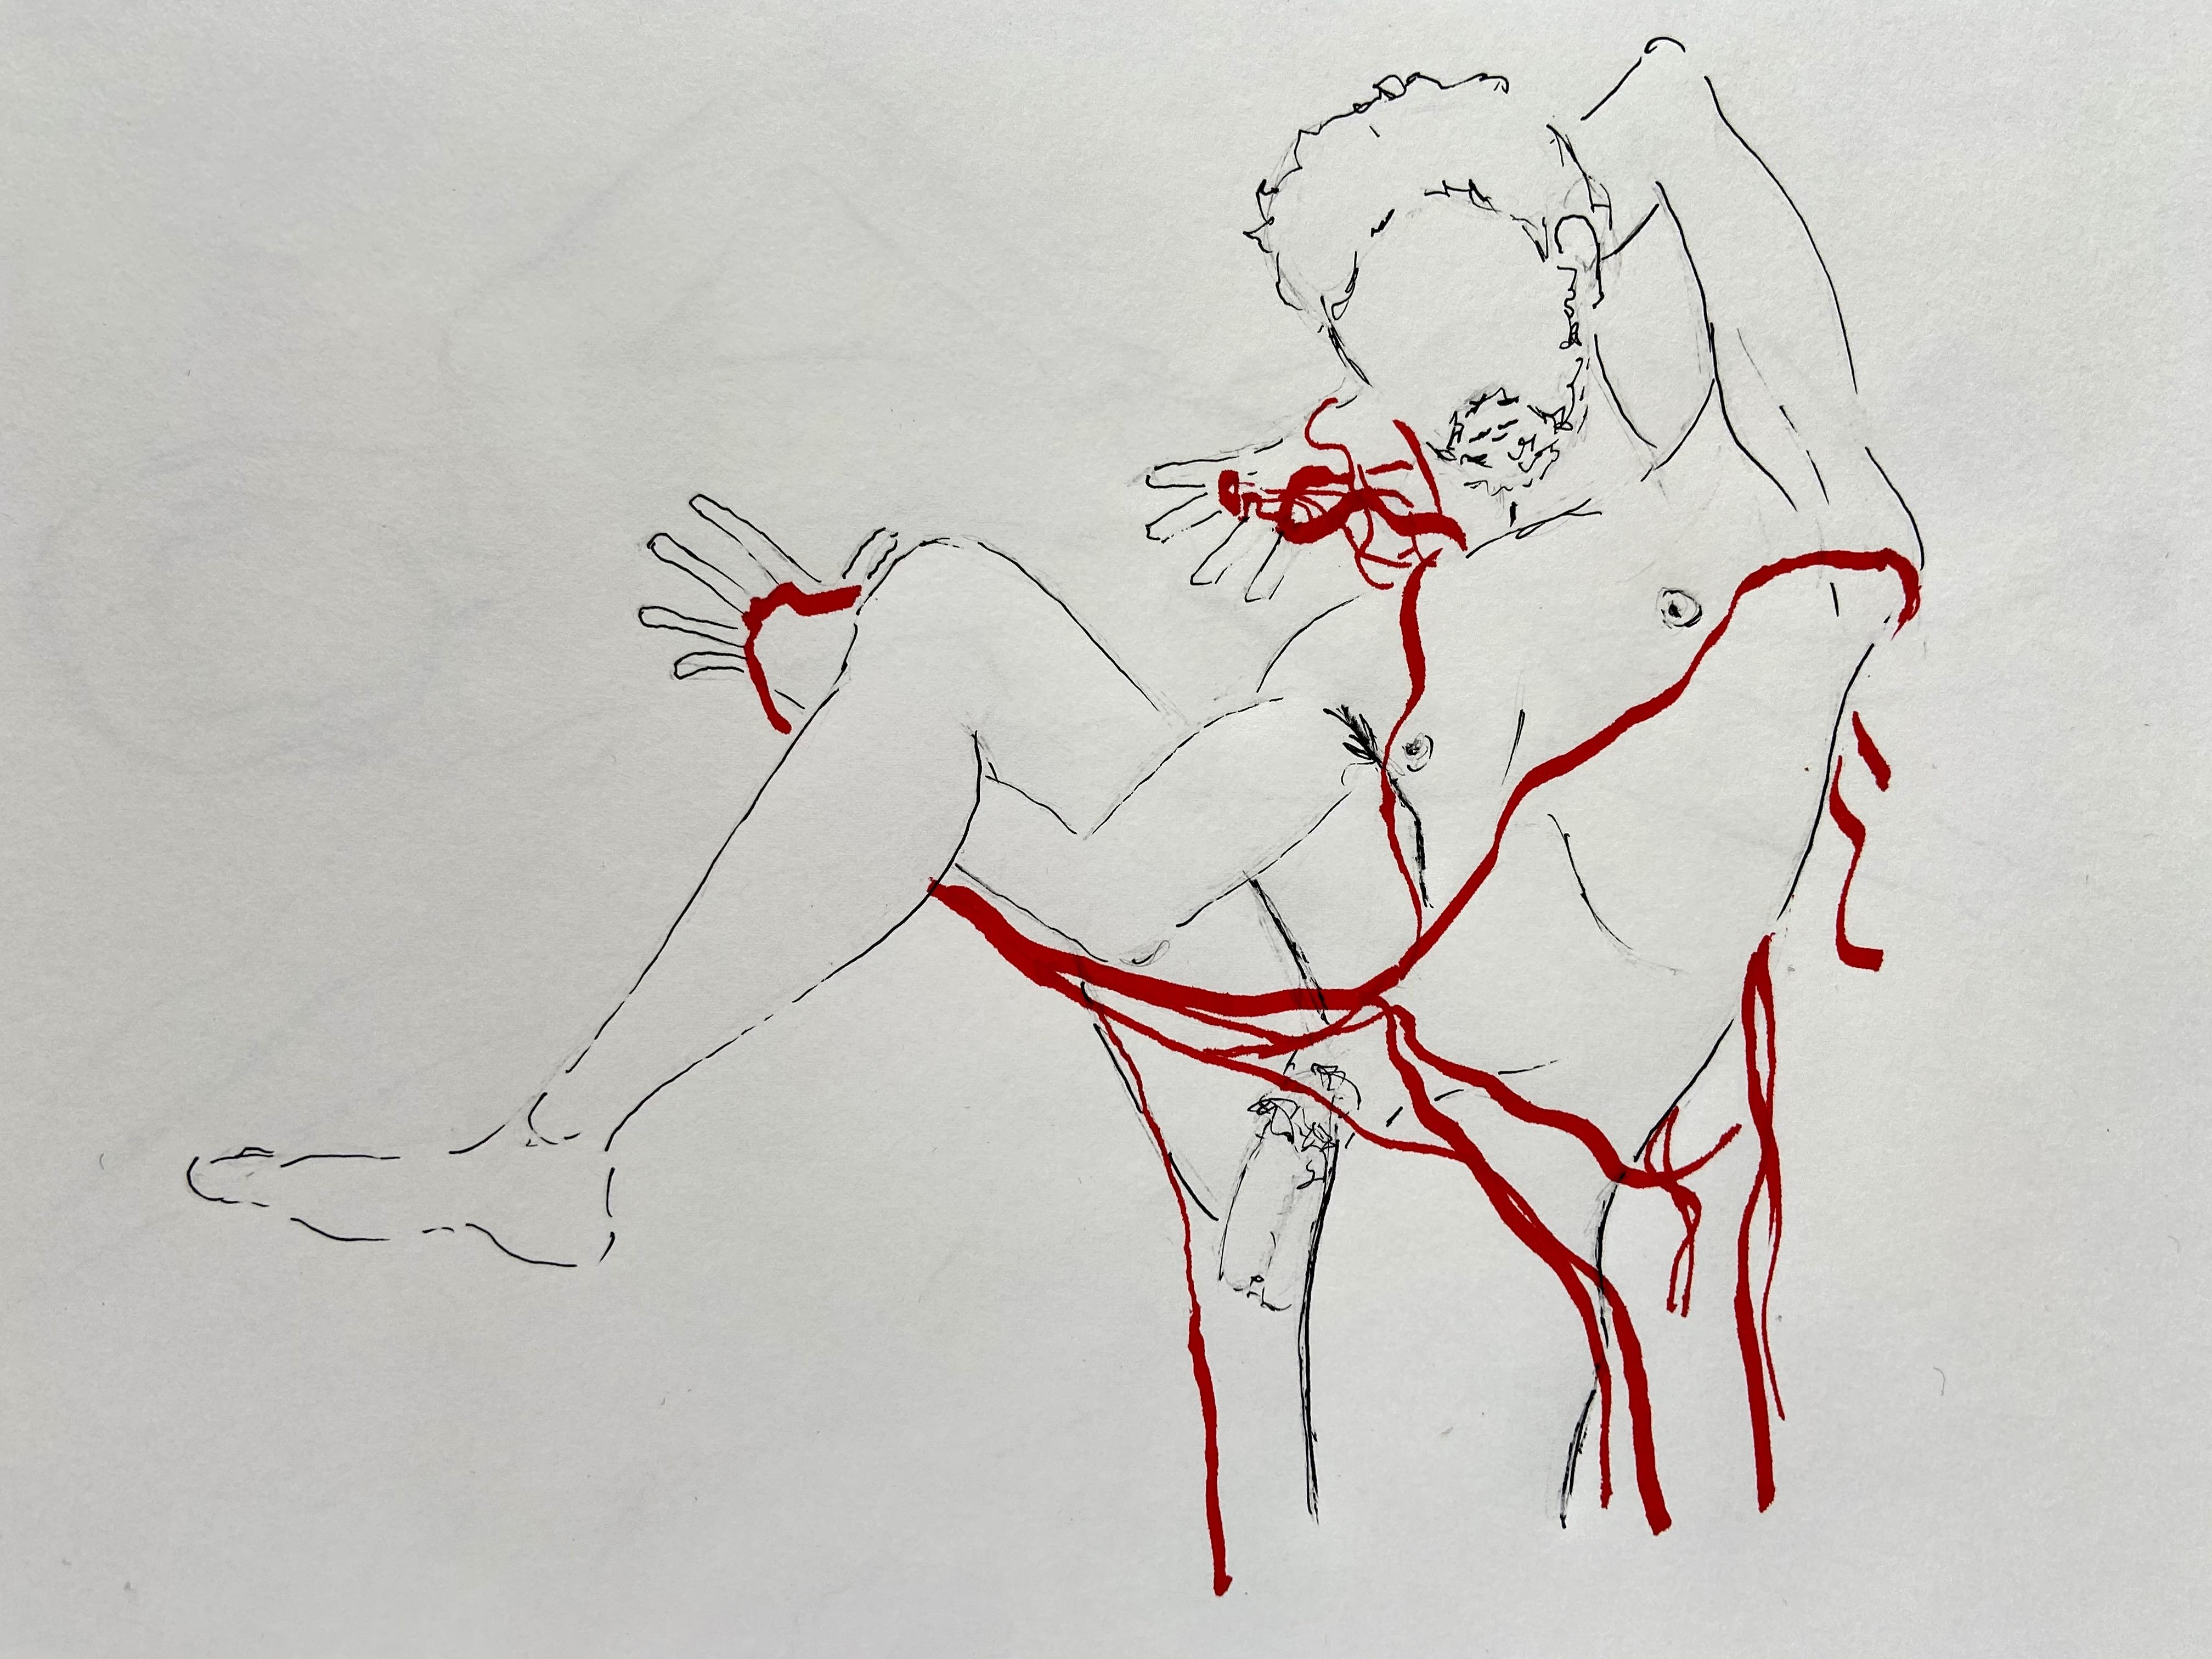 Dessin au trait technique mixte crayon papier plume et encre rouge  cours de dessin